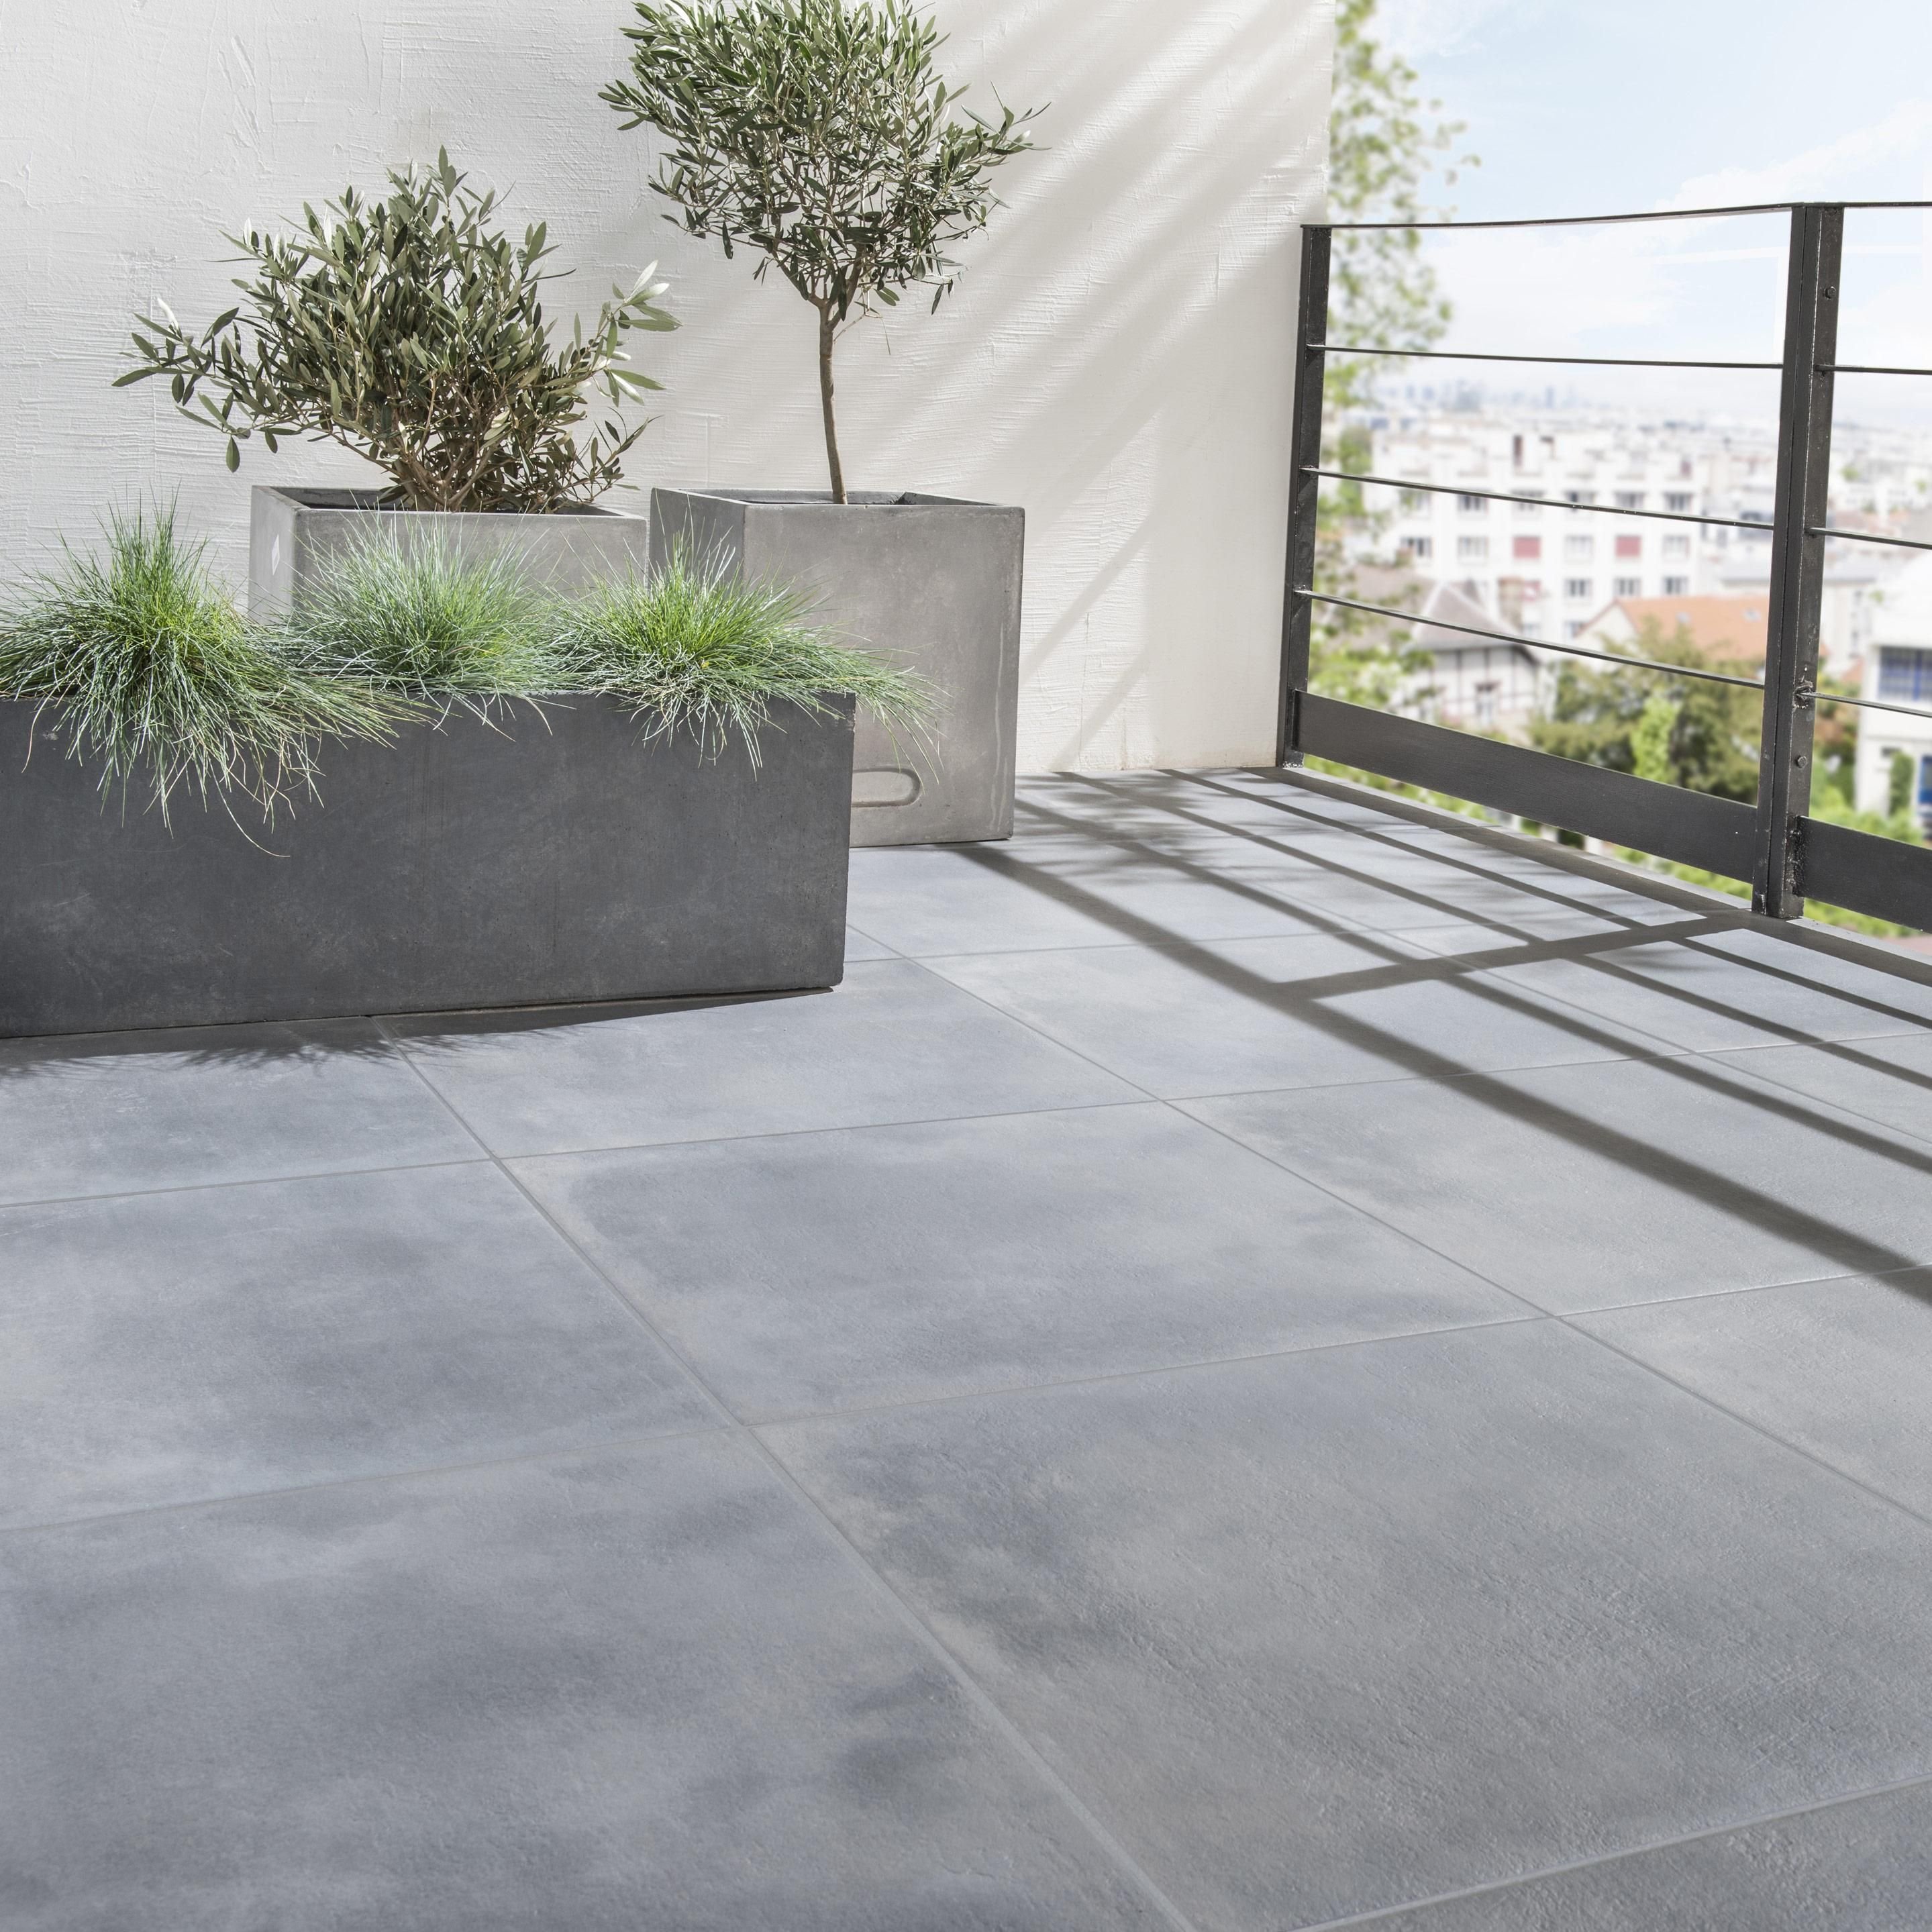 Carrelage Sol Et Mur Exterieur Forte Pierre Noir Dolce Vita L 60 X L 60 Cm Arten En 2020 Carrelage Terrasse Exterieur Carrelage Exterieur Et Carelage Exterieur